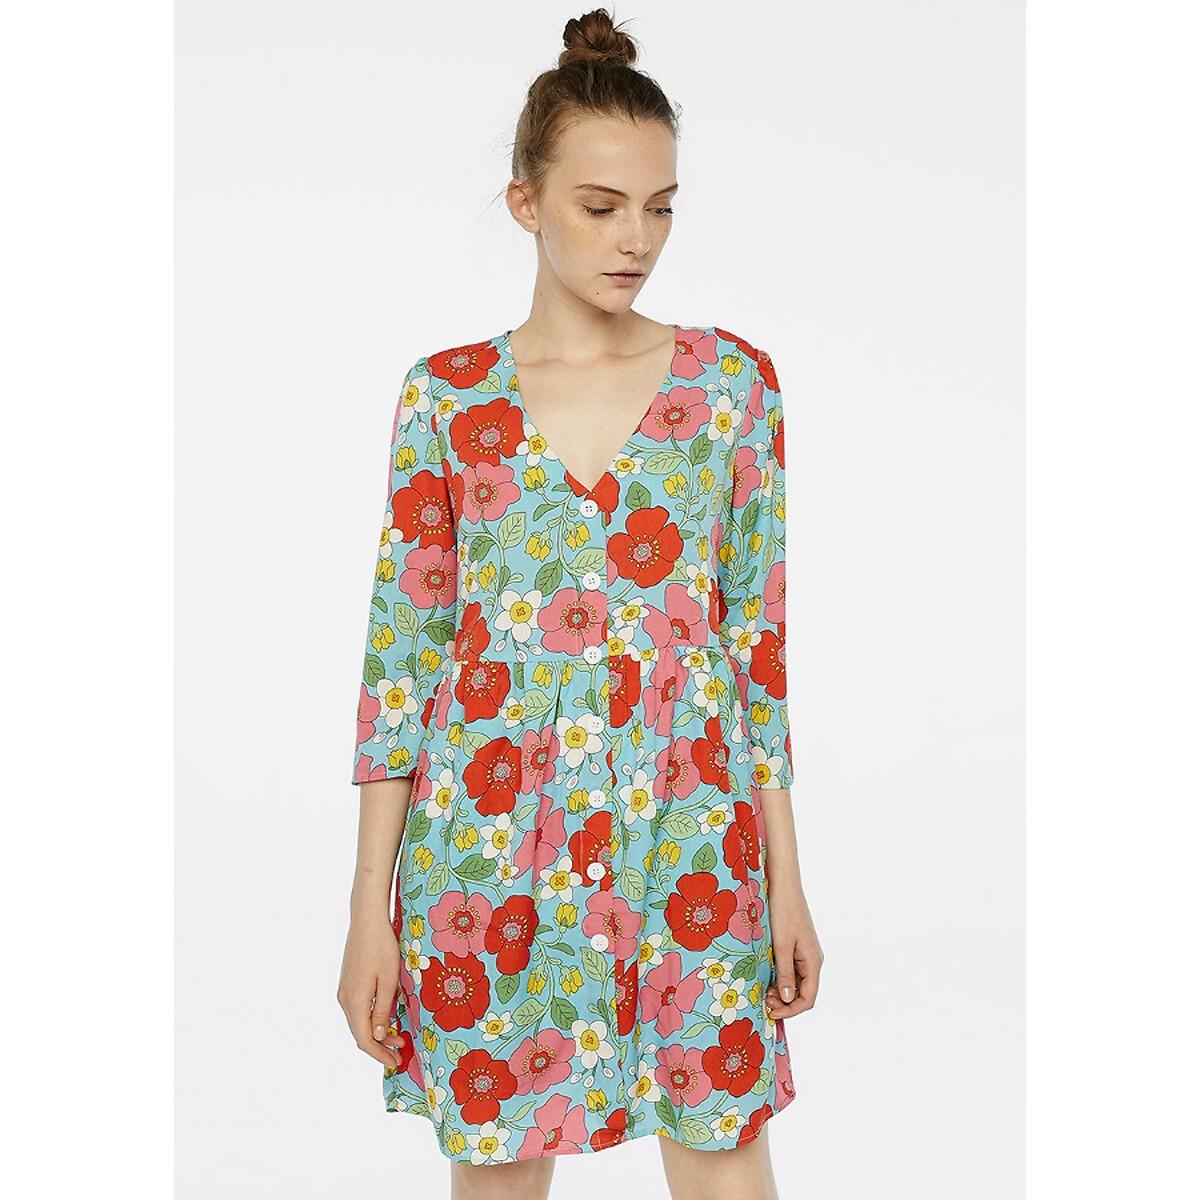 Платье La Redoute С цветочным принтом V-образный вырез на пуговицах рукава XS синий